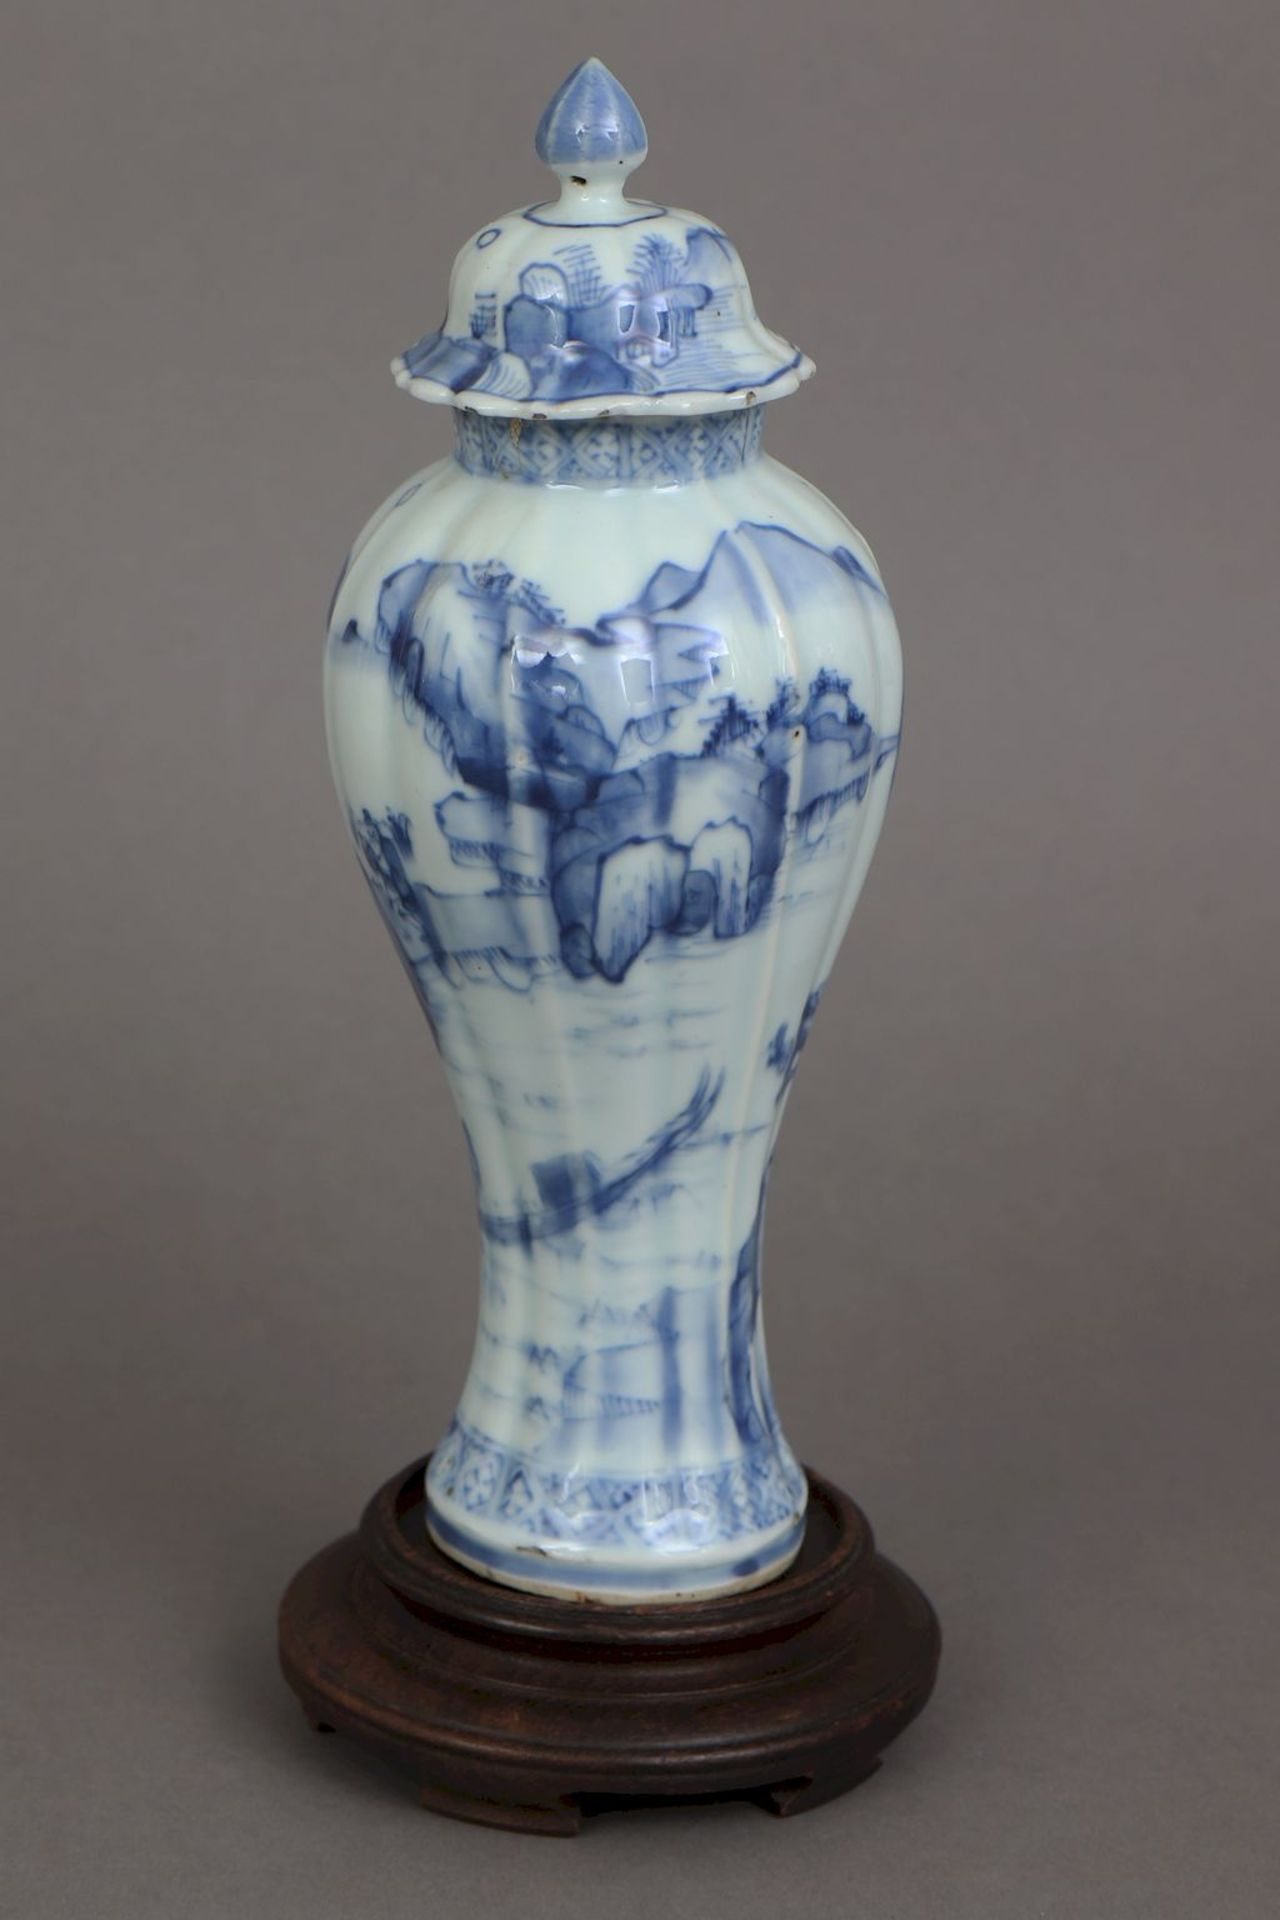 Chinesisches Vasengefäß mit Blaumalerei